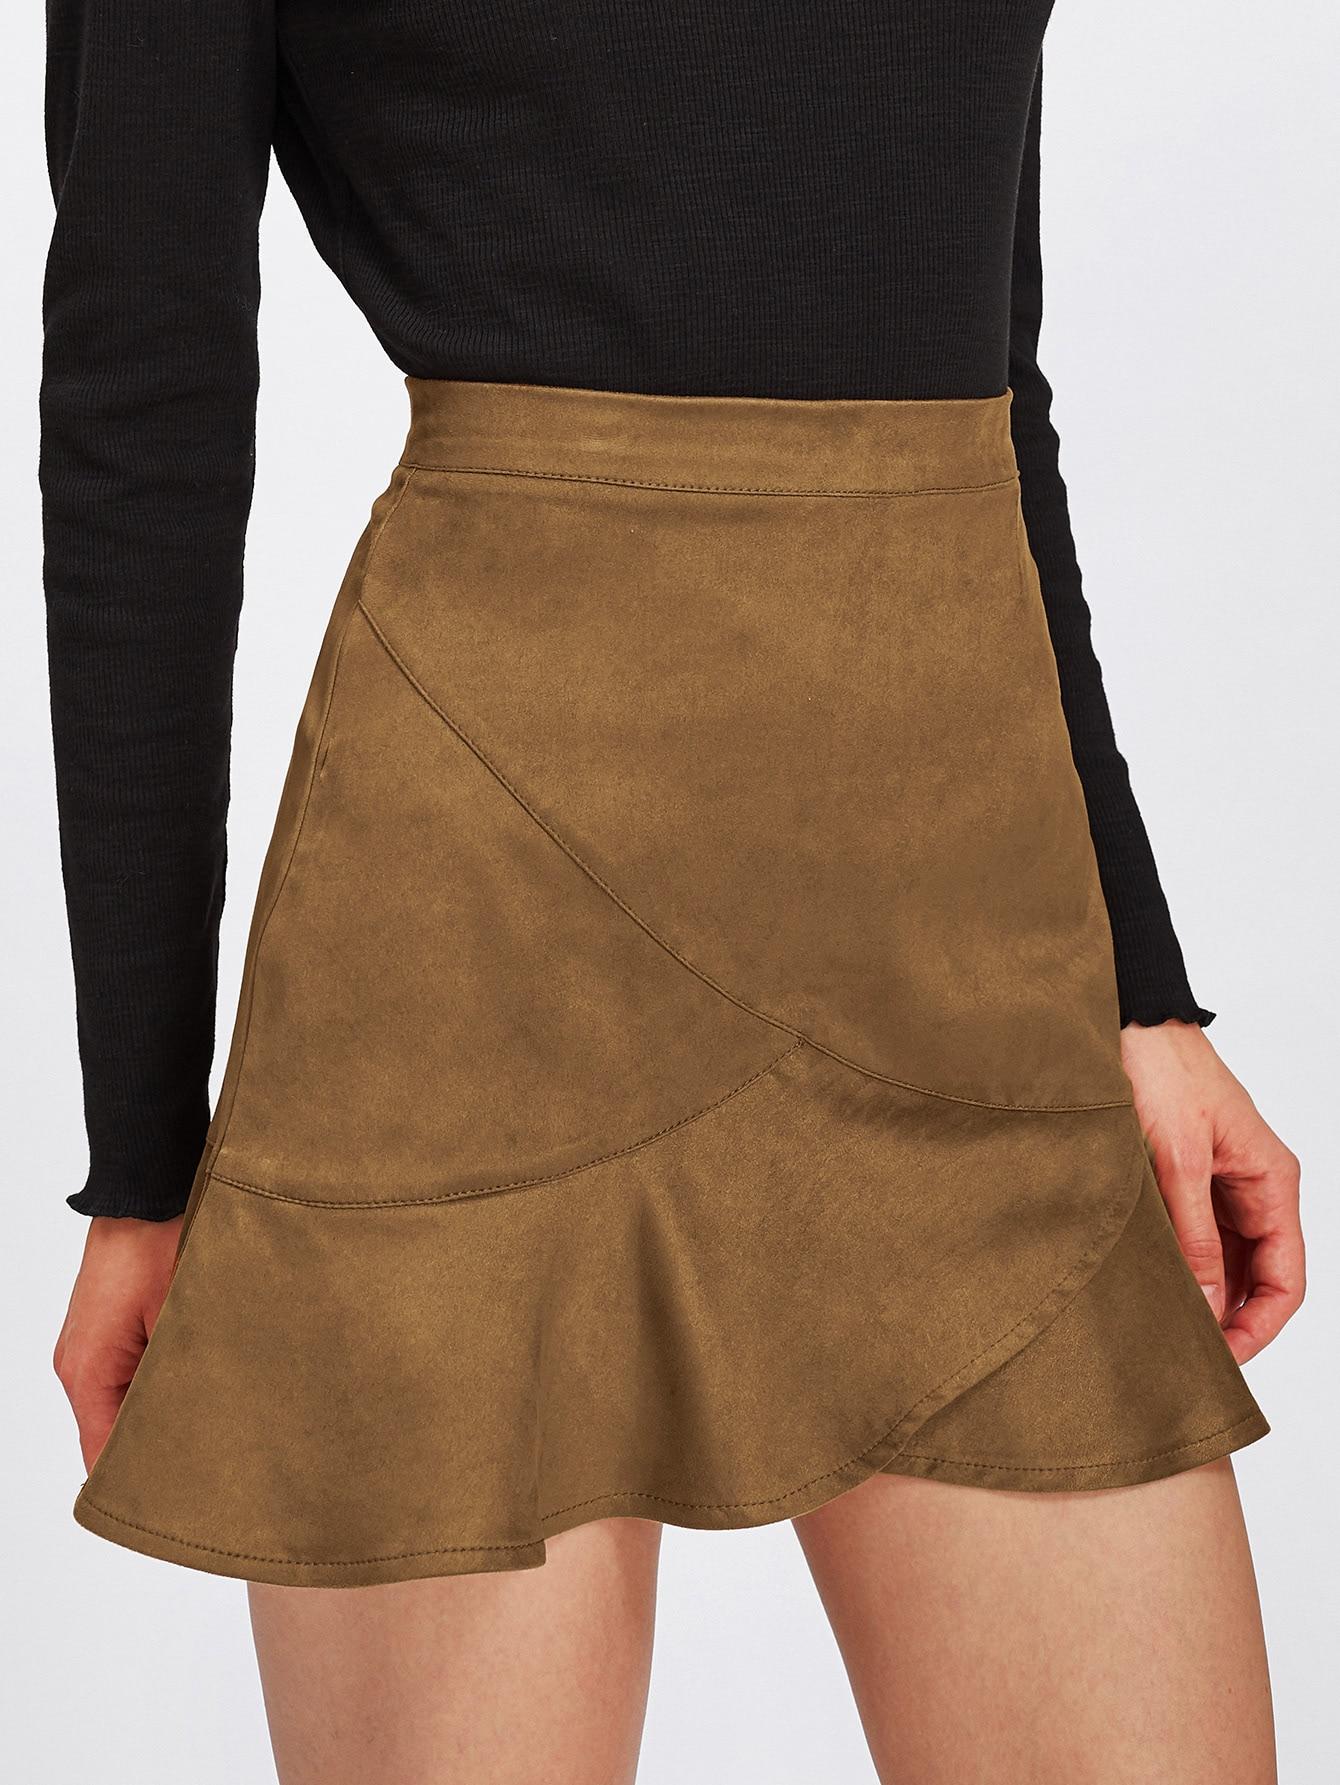 Frill Hem Zip Back Skirt botanical embroidery zip back skirt